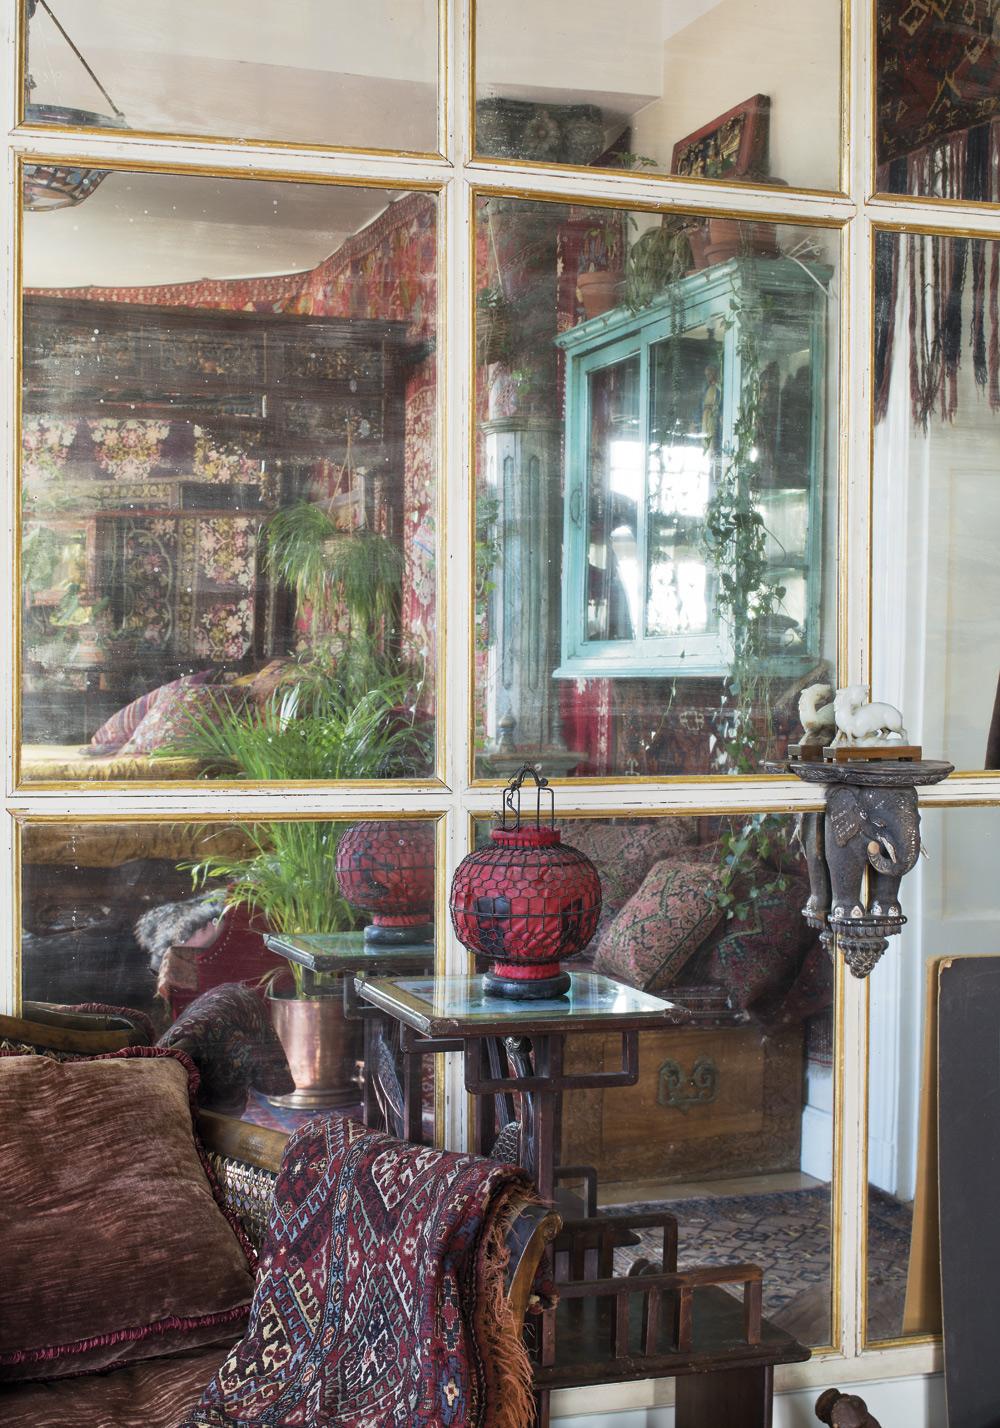 SPEGELVÄGG. Är uppsatt i sovrummet och är en av de få svenska saker som finns i hemmet. Väggen var en gång i tiden en del av inredningen hos anrika Böhlmarks. Fåtöljen är ett auktionsfynd.